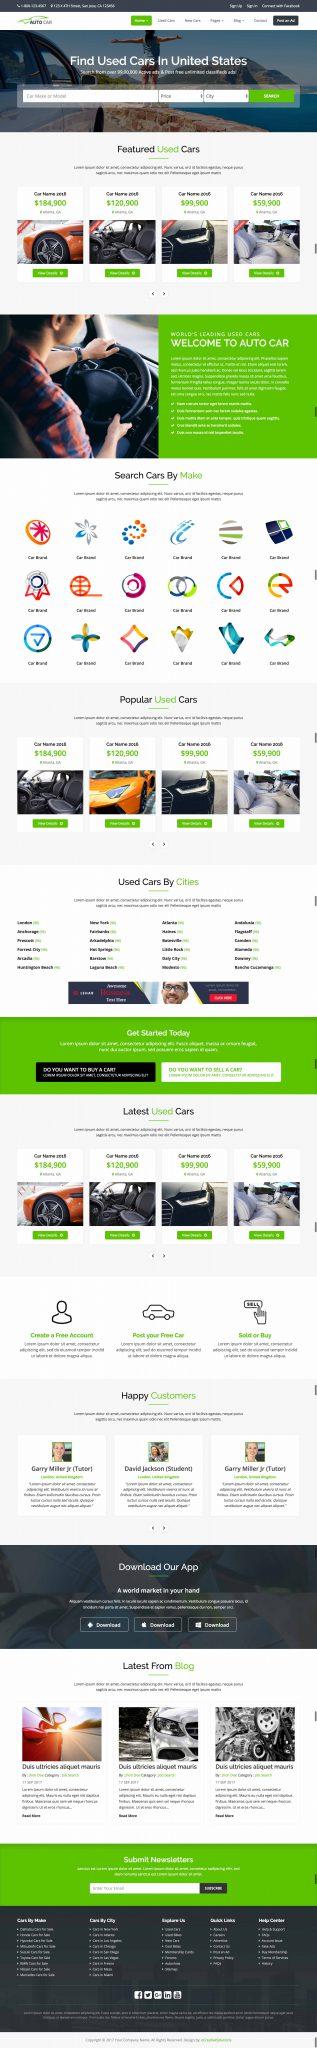 Mẫu thiết kế website dịch vụ cho thuê xe du lịch